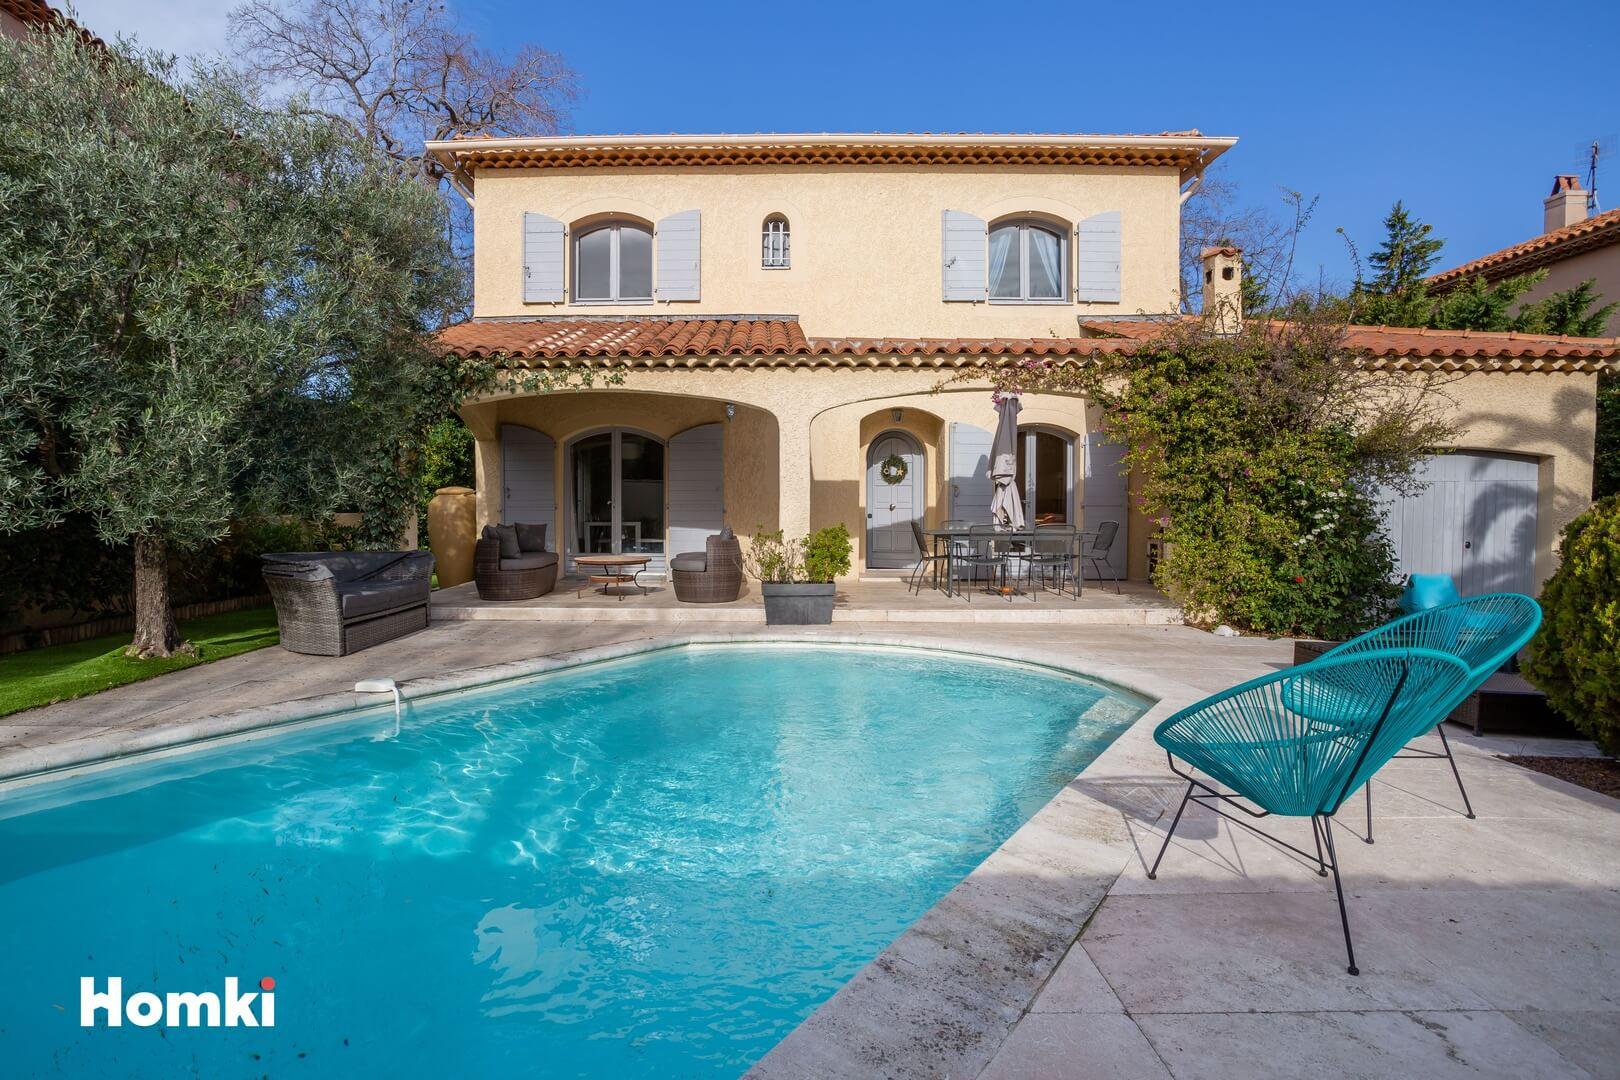 Homki - Vente maison/villa  de 170.0 m² à Marseille 13008